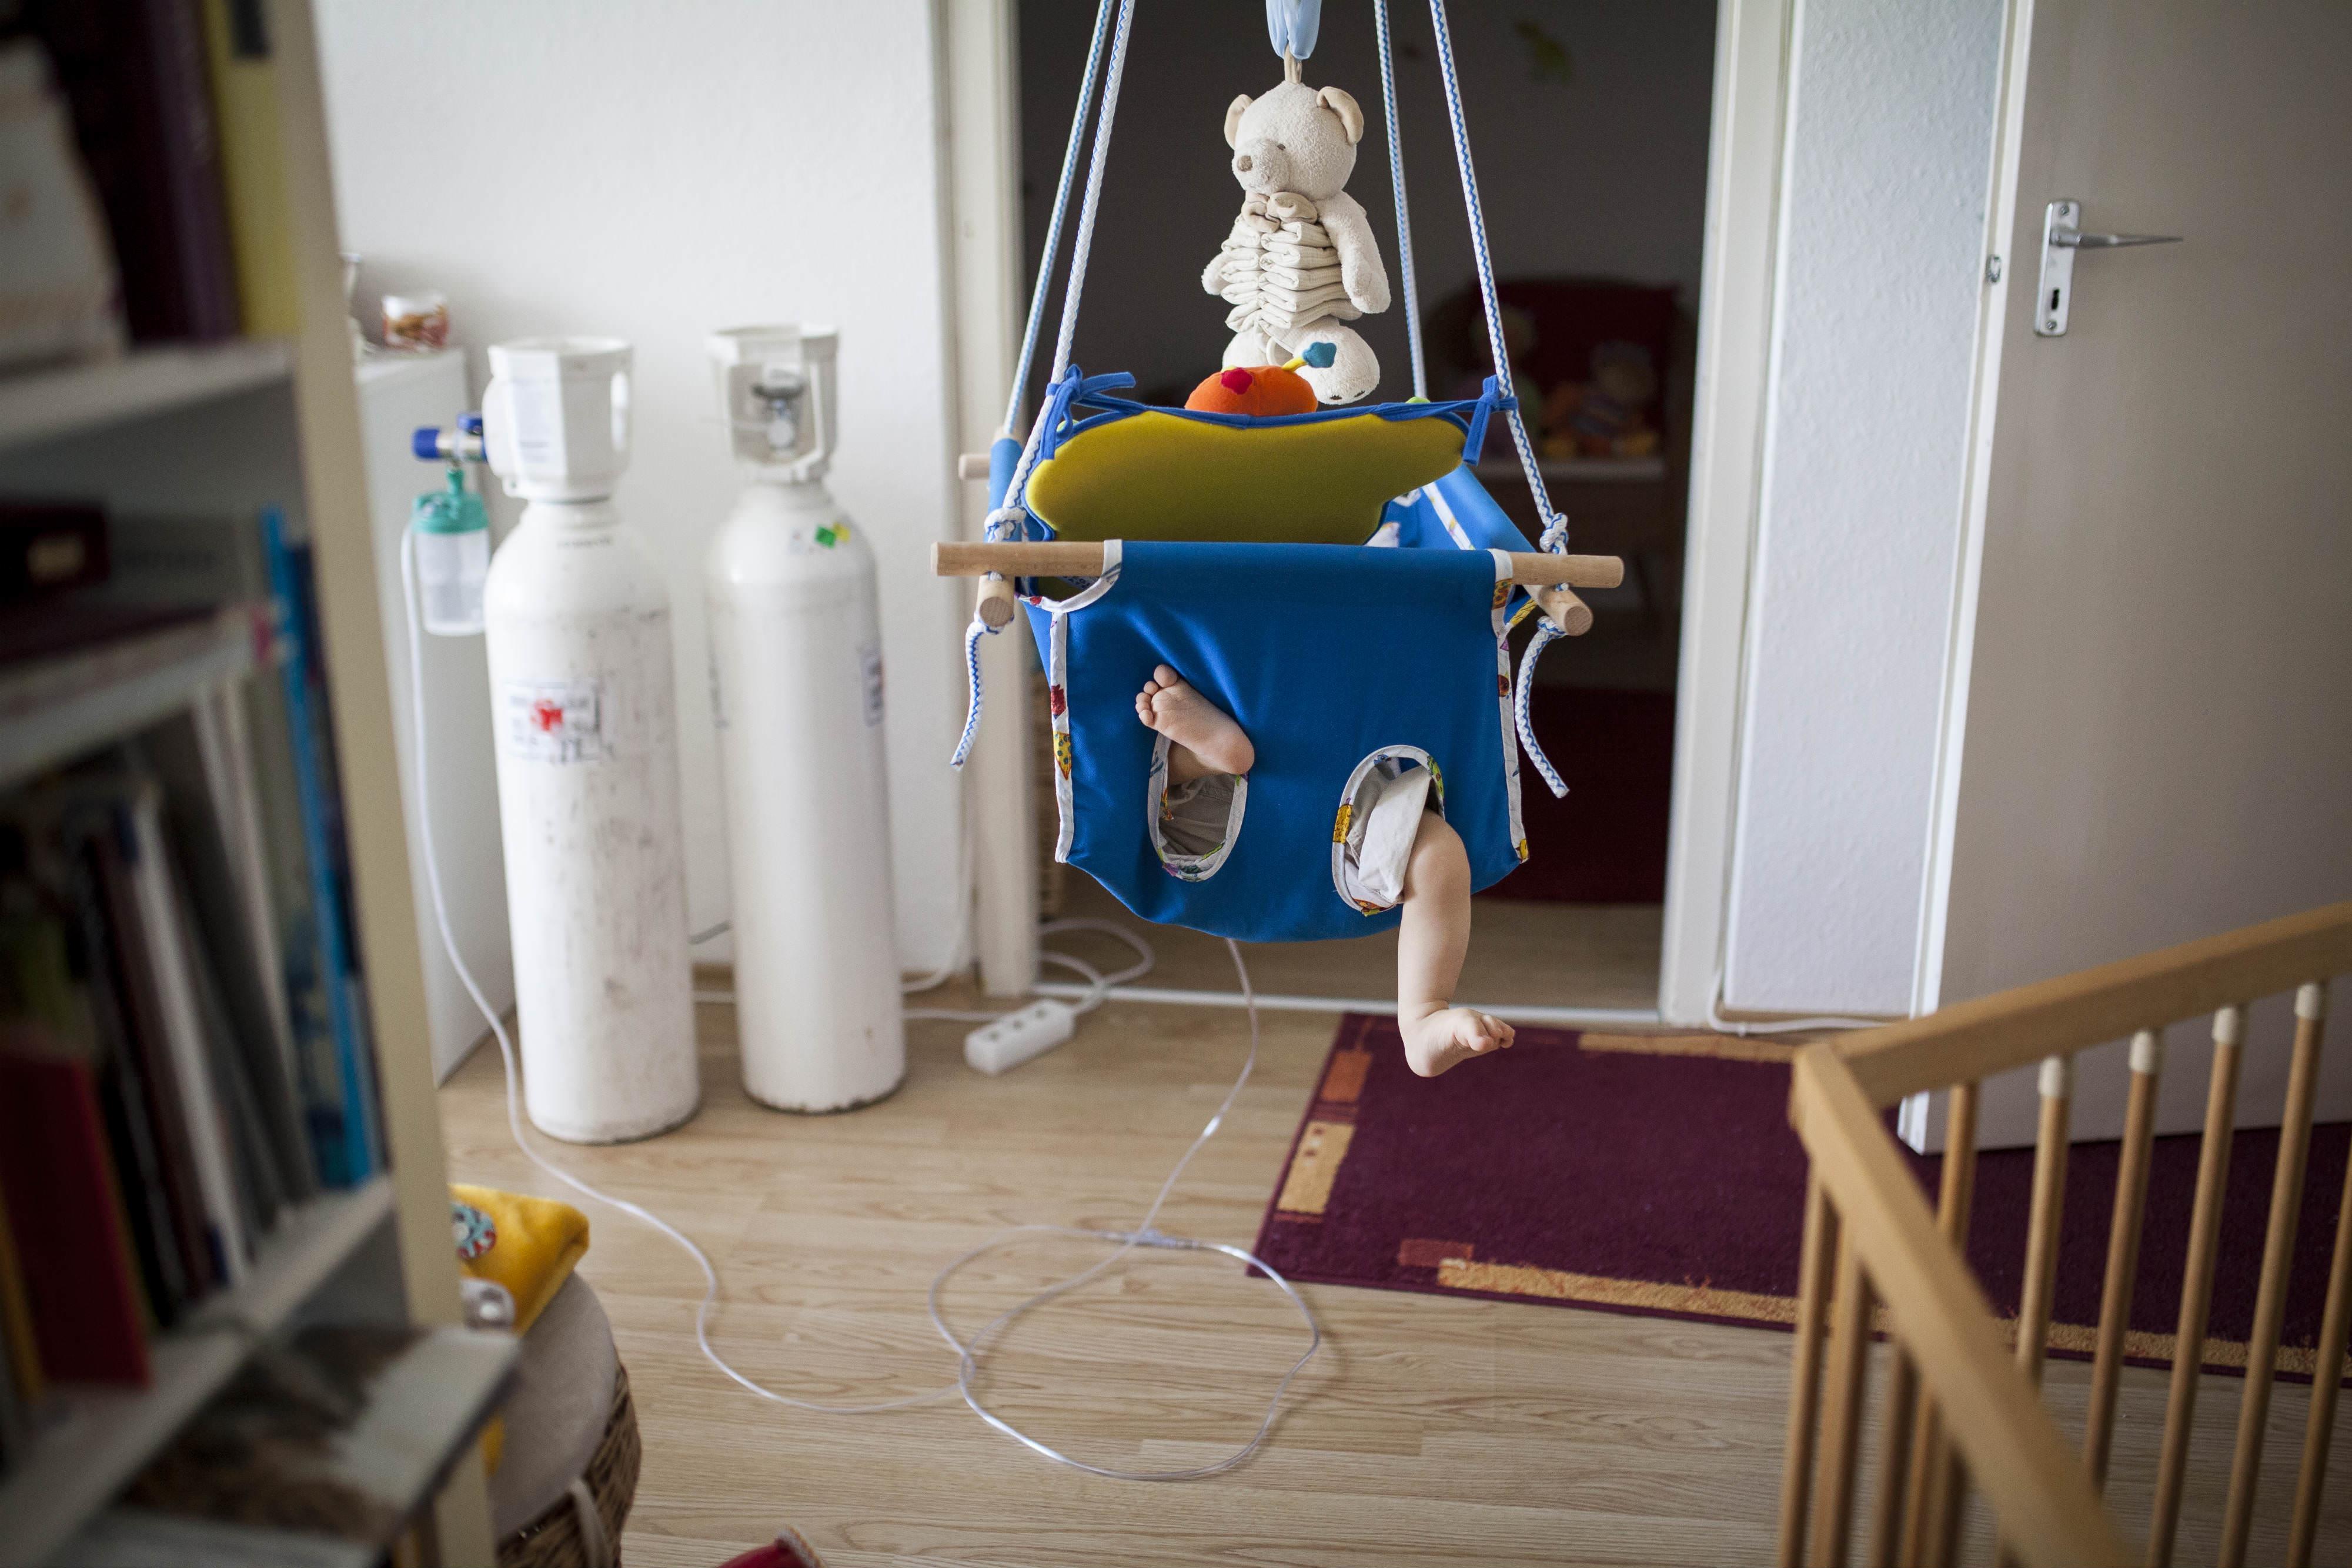 Rostás Bianka: Szív szerinti gyermek (részlet a sorozatból, 2017) | Bianka Rostás: Child by Heart (from the series, 2017)